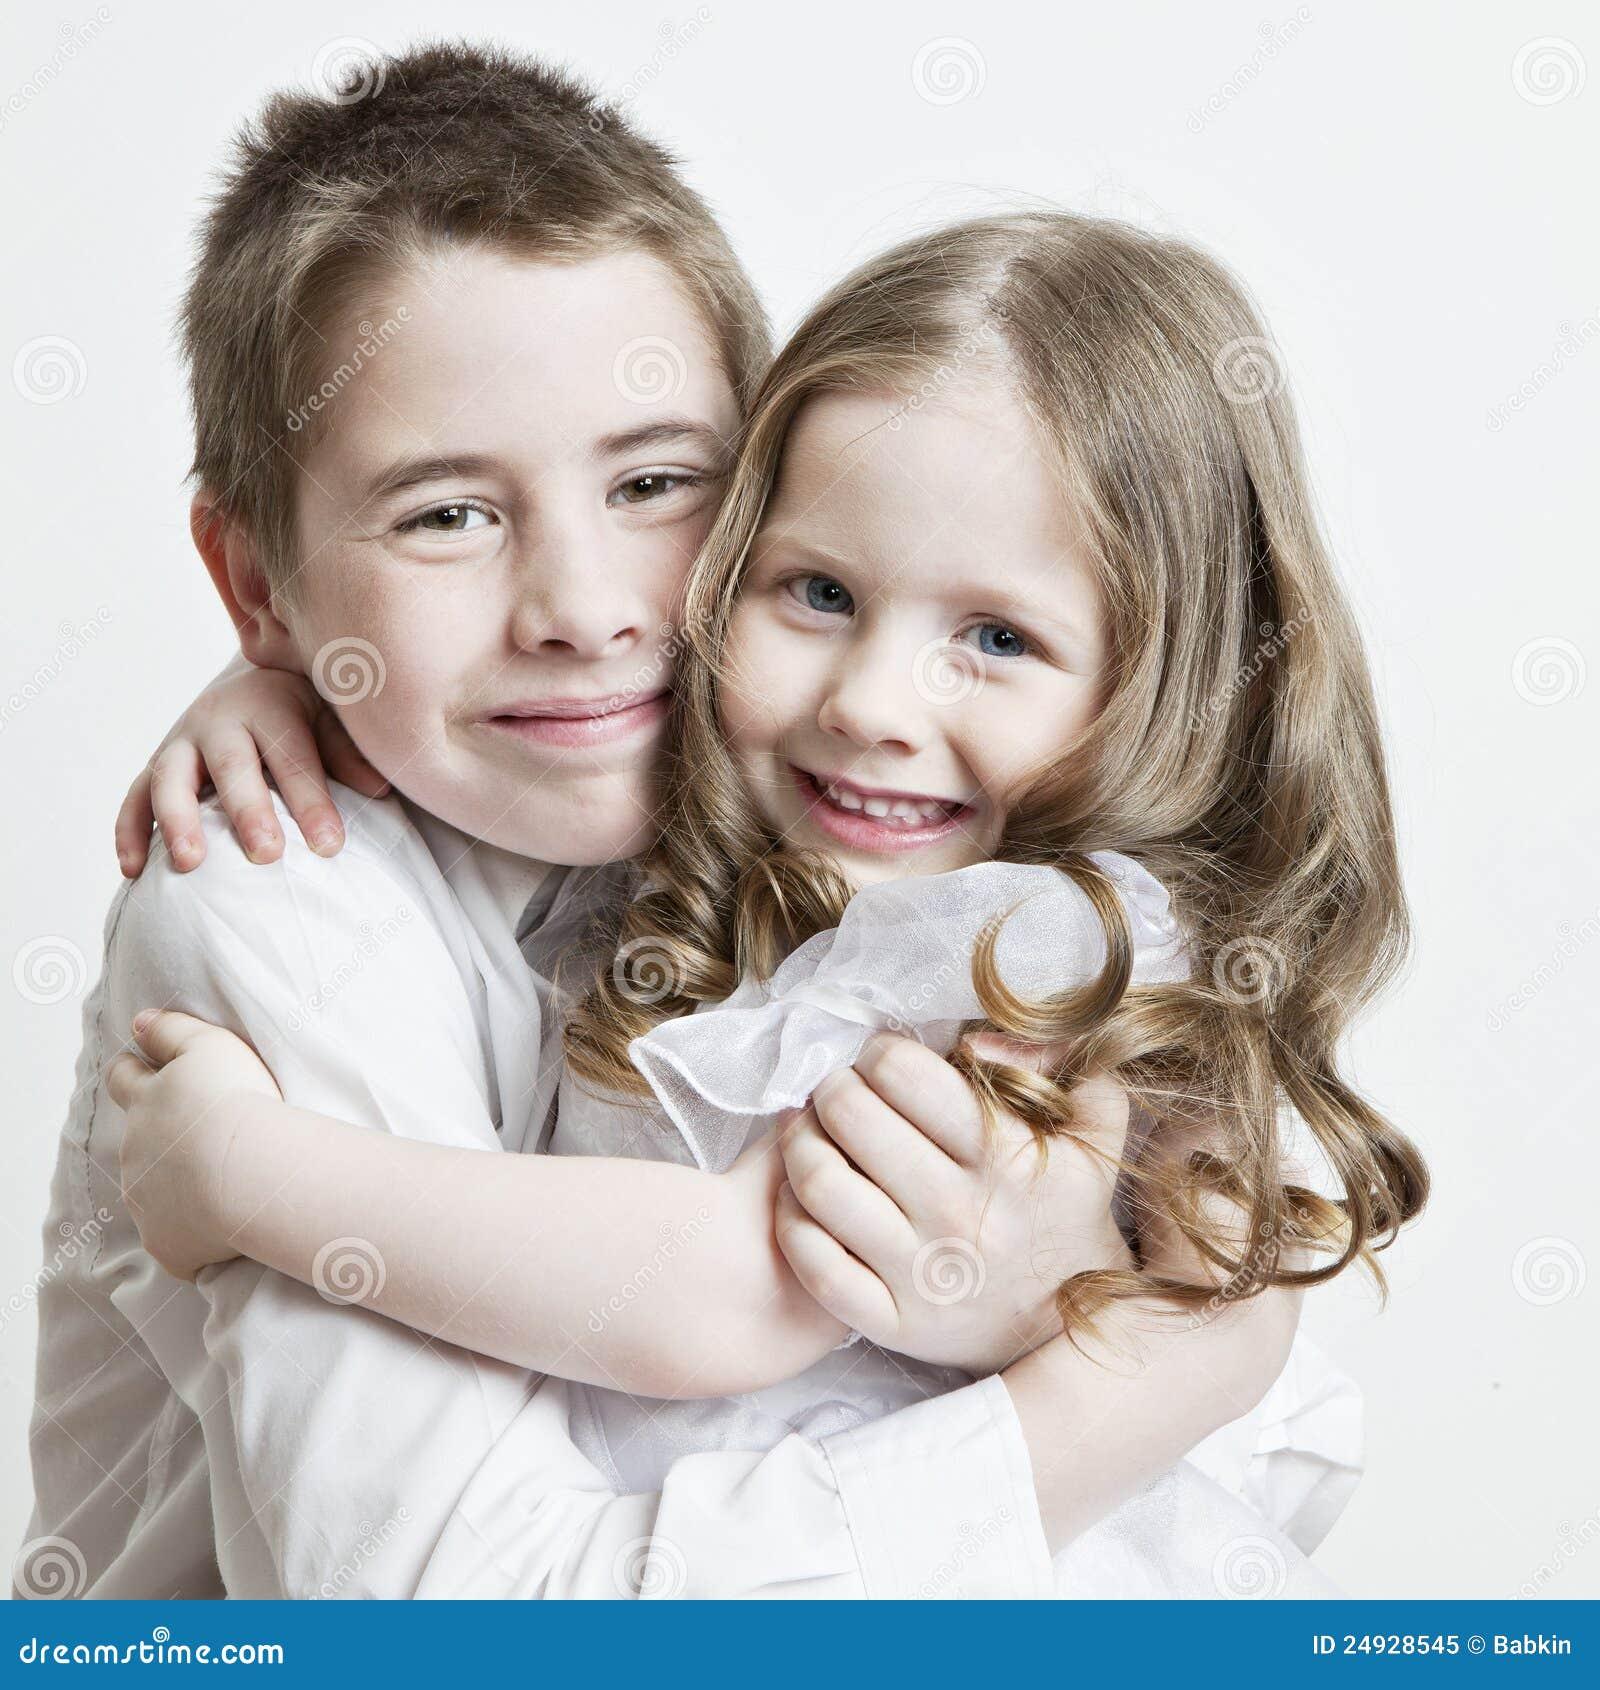 Секс фото брата с сестрой 11 фотография